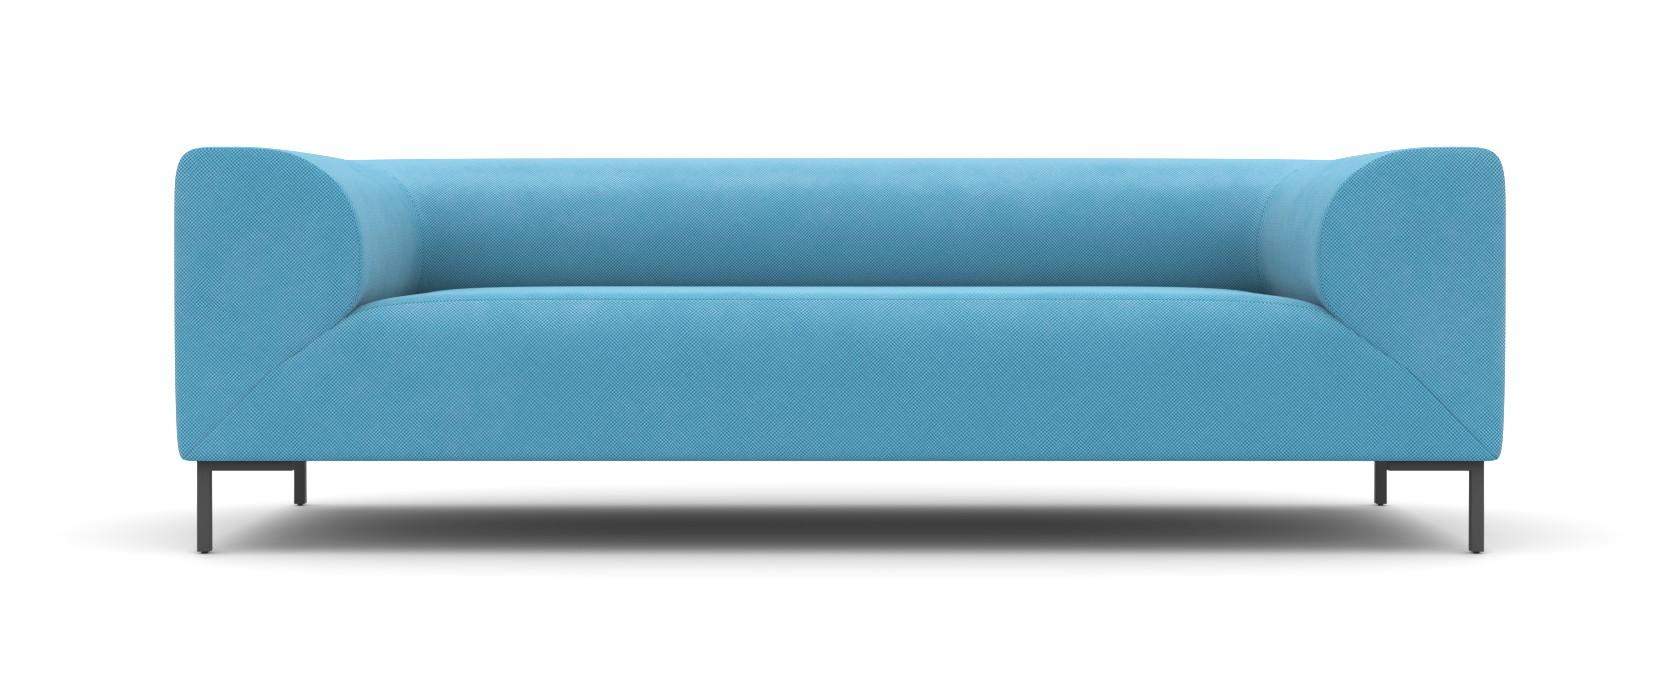 Трехместный диван Fernando - Фото 1 - Pufetto